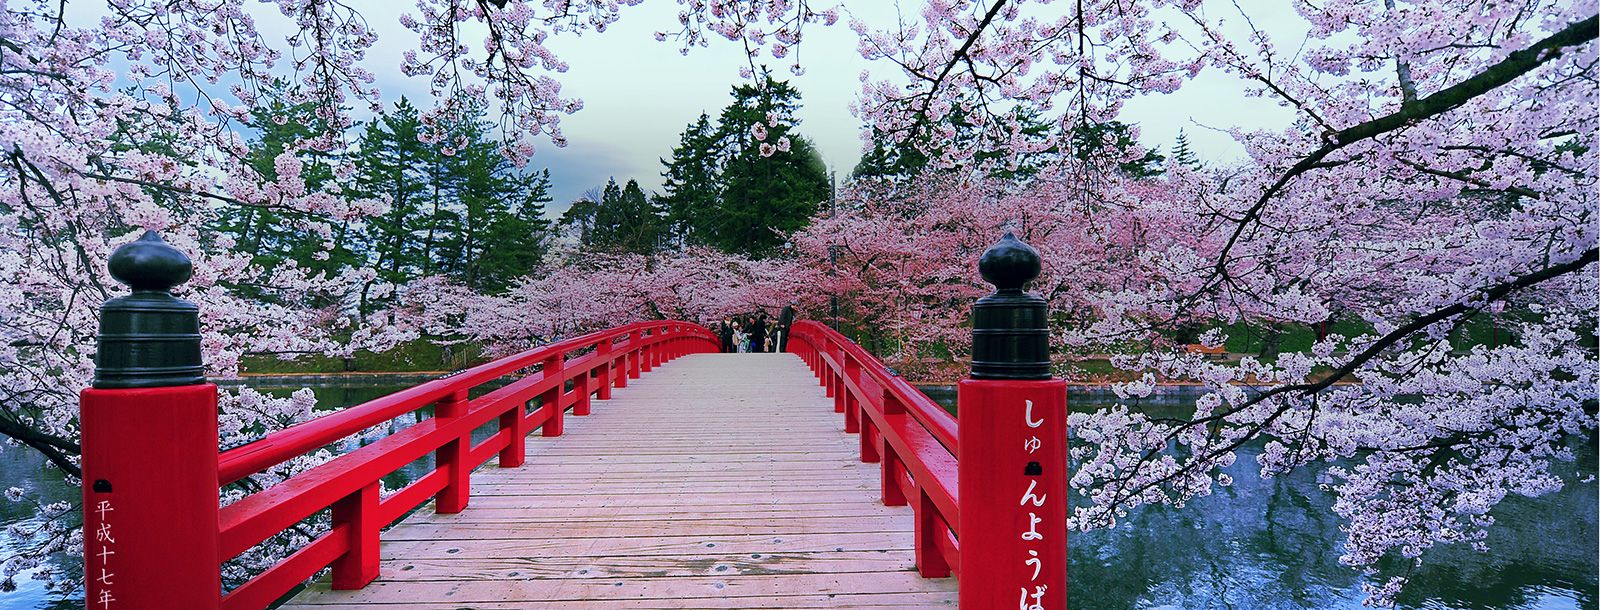 【オススメ!日本発着】 春の日本周遊・韓国クルーズ 10泊11日